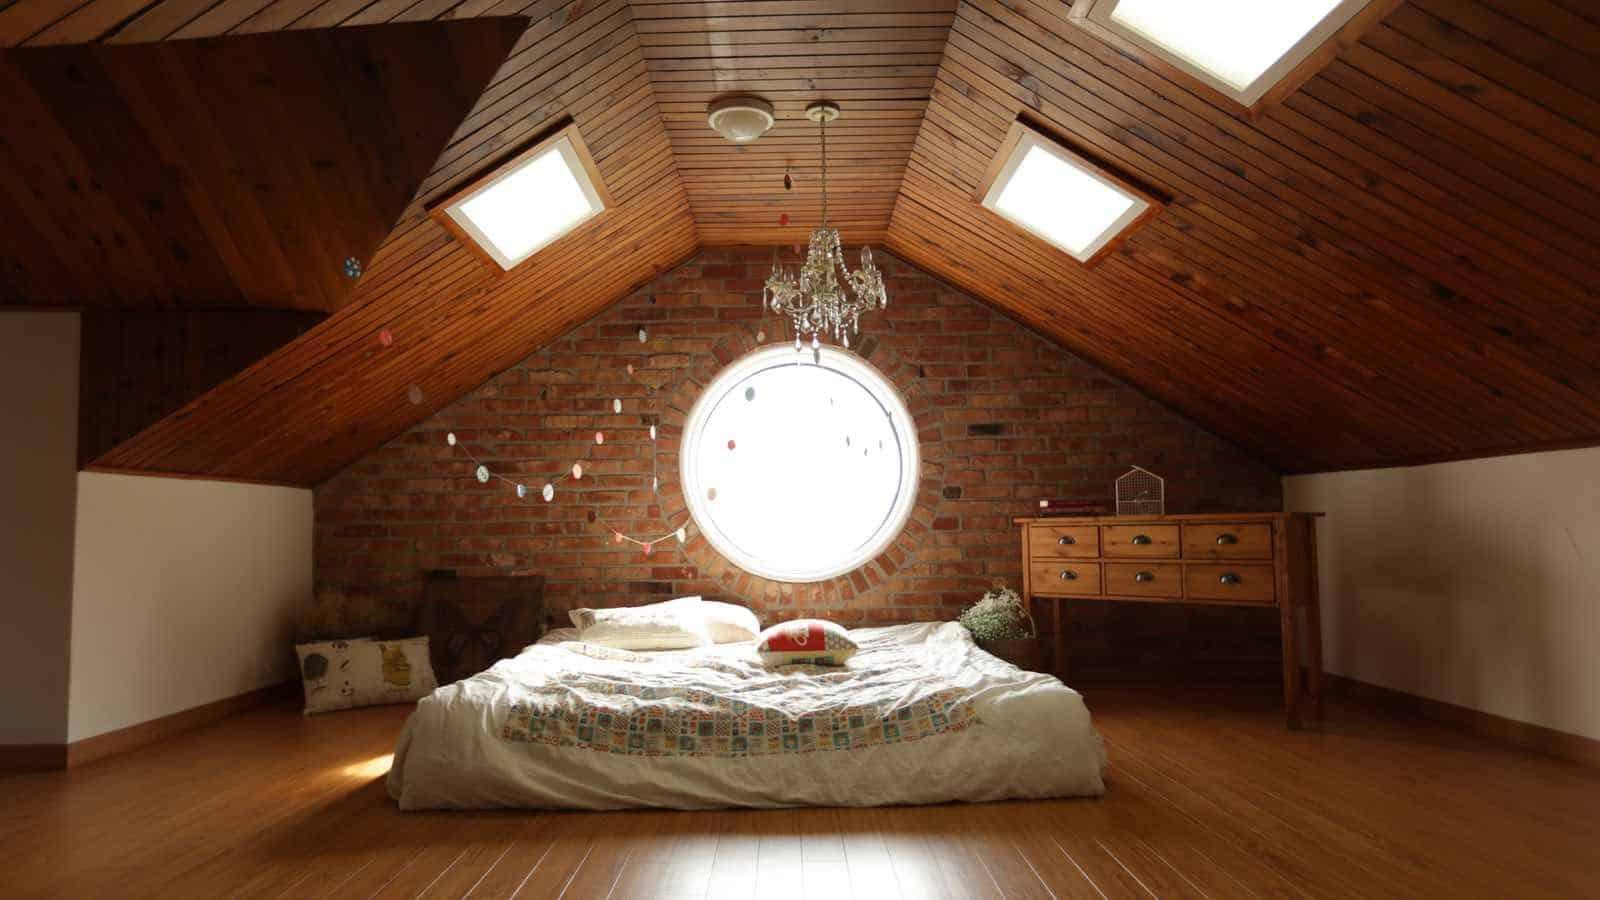 Mit Den Richtigen Dekorationen, Kann Jedes Schlafzimmer Romantisch  Eingerichtet Werden